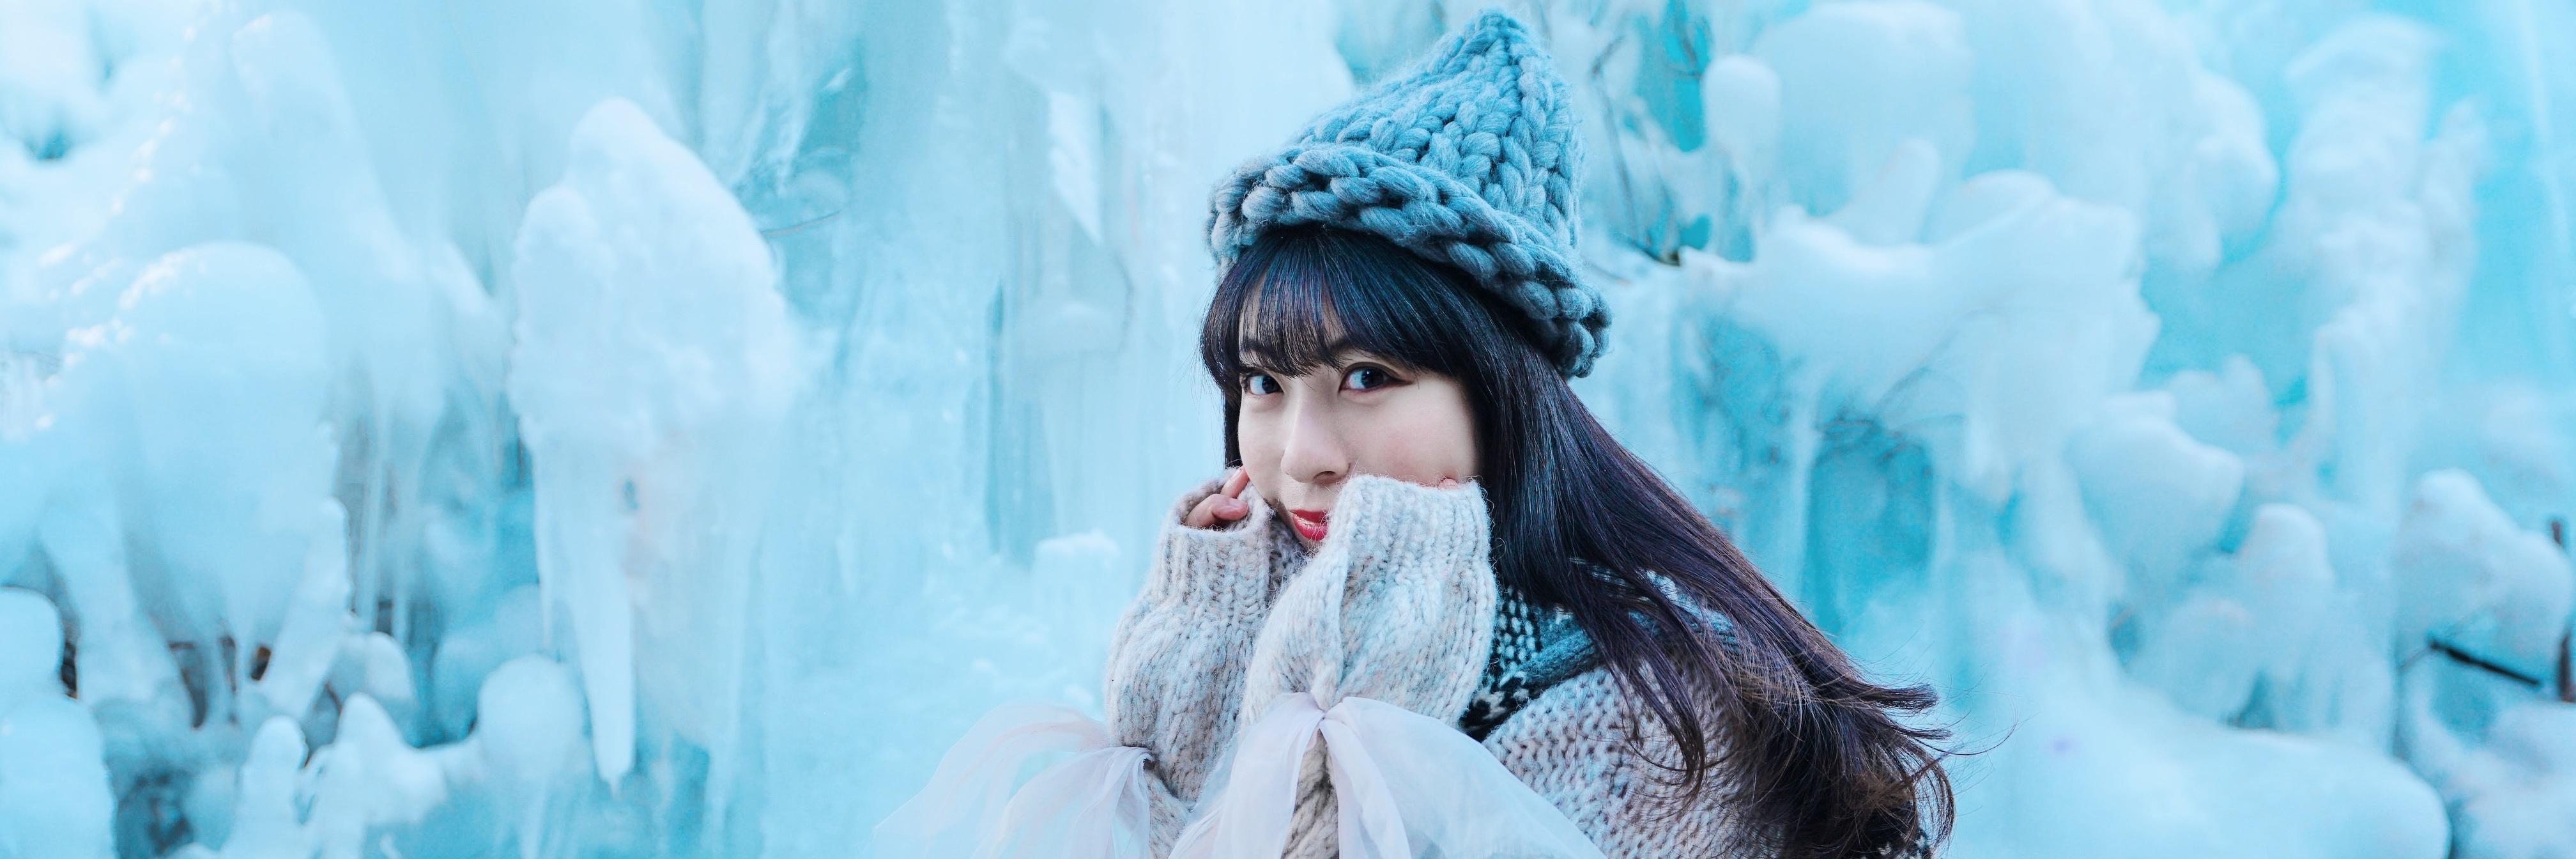 【北京周边去哪玩】这里是冰与火的交融,也是冬天的温暖时光